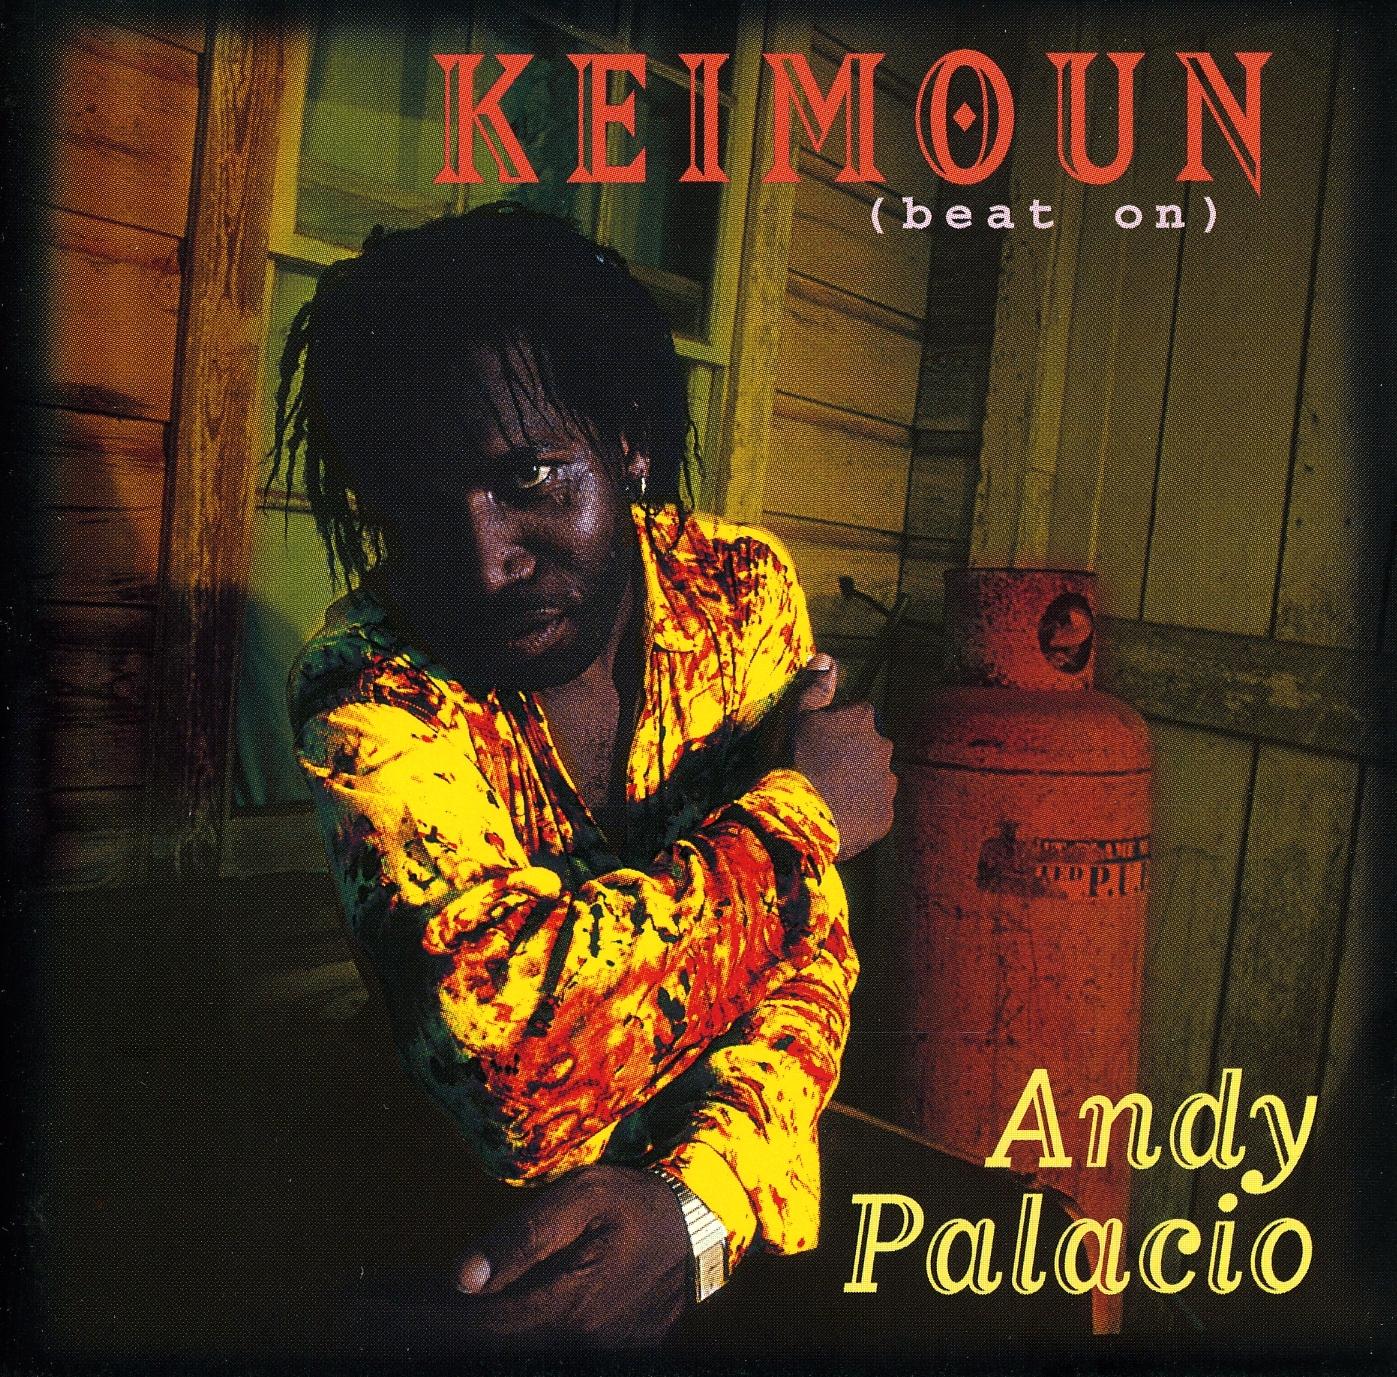 Andy Palacio Keimoun (Beat On).jpg